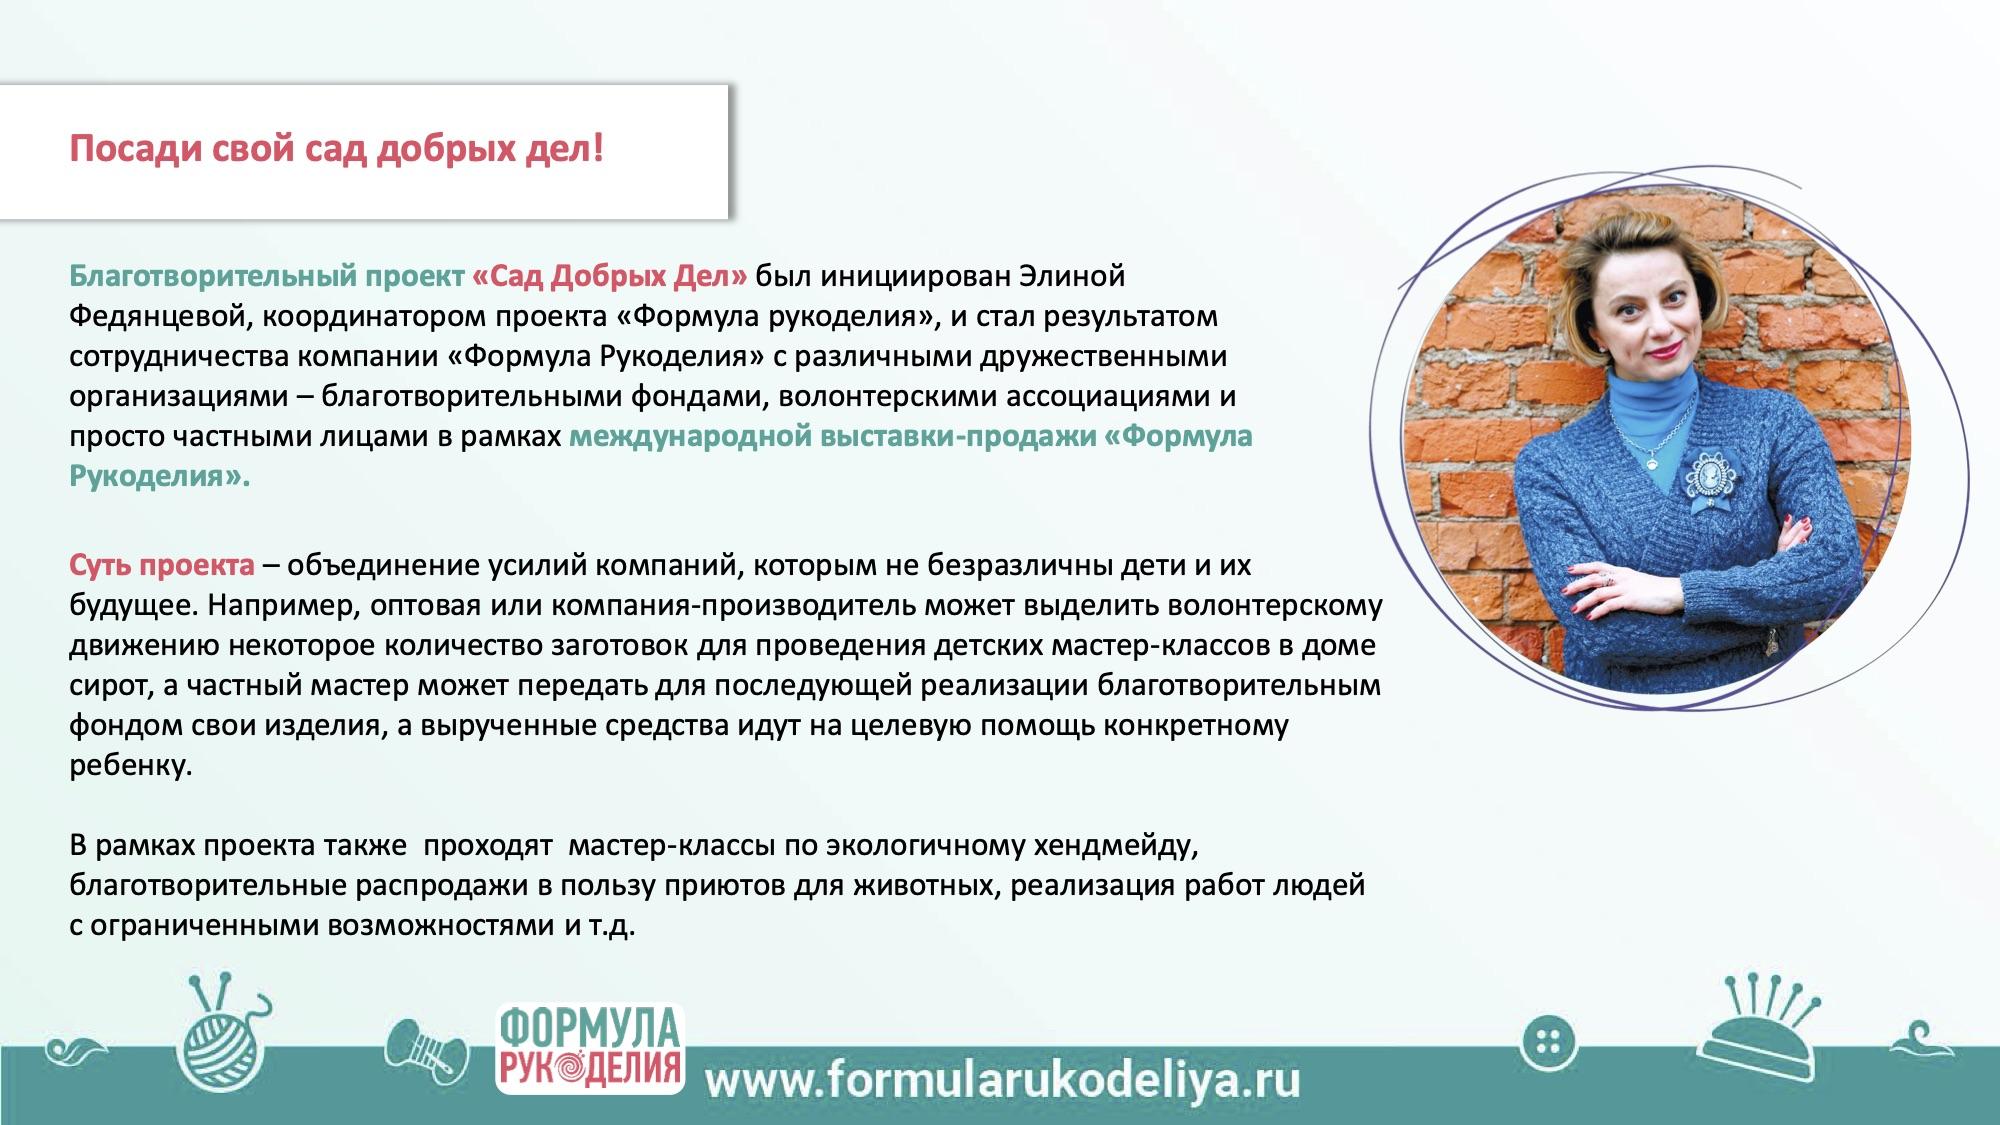 СадДобрыхДел2